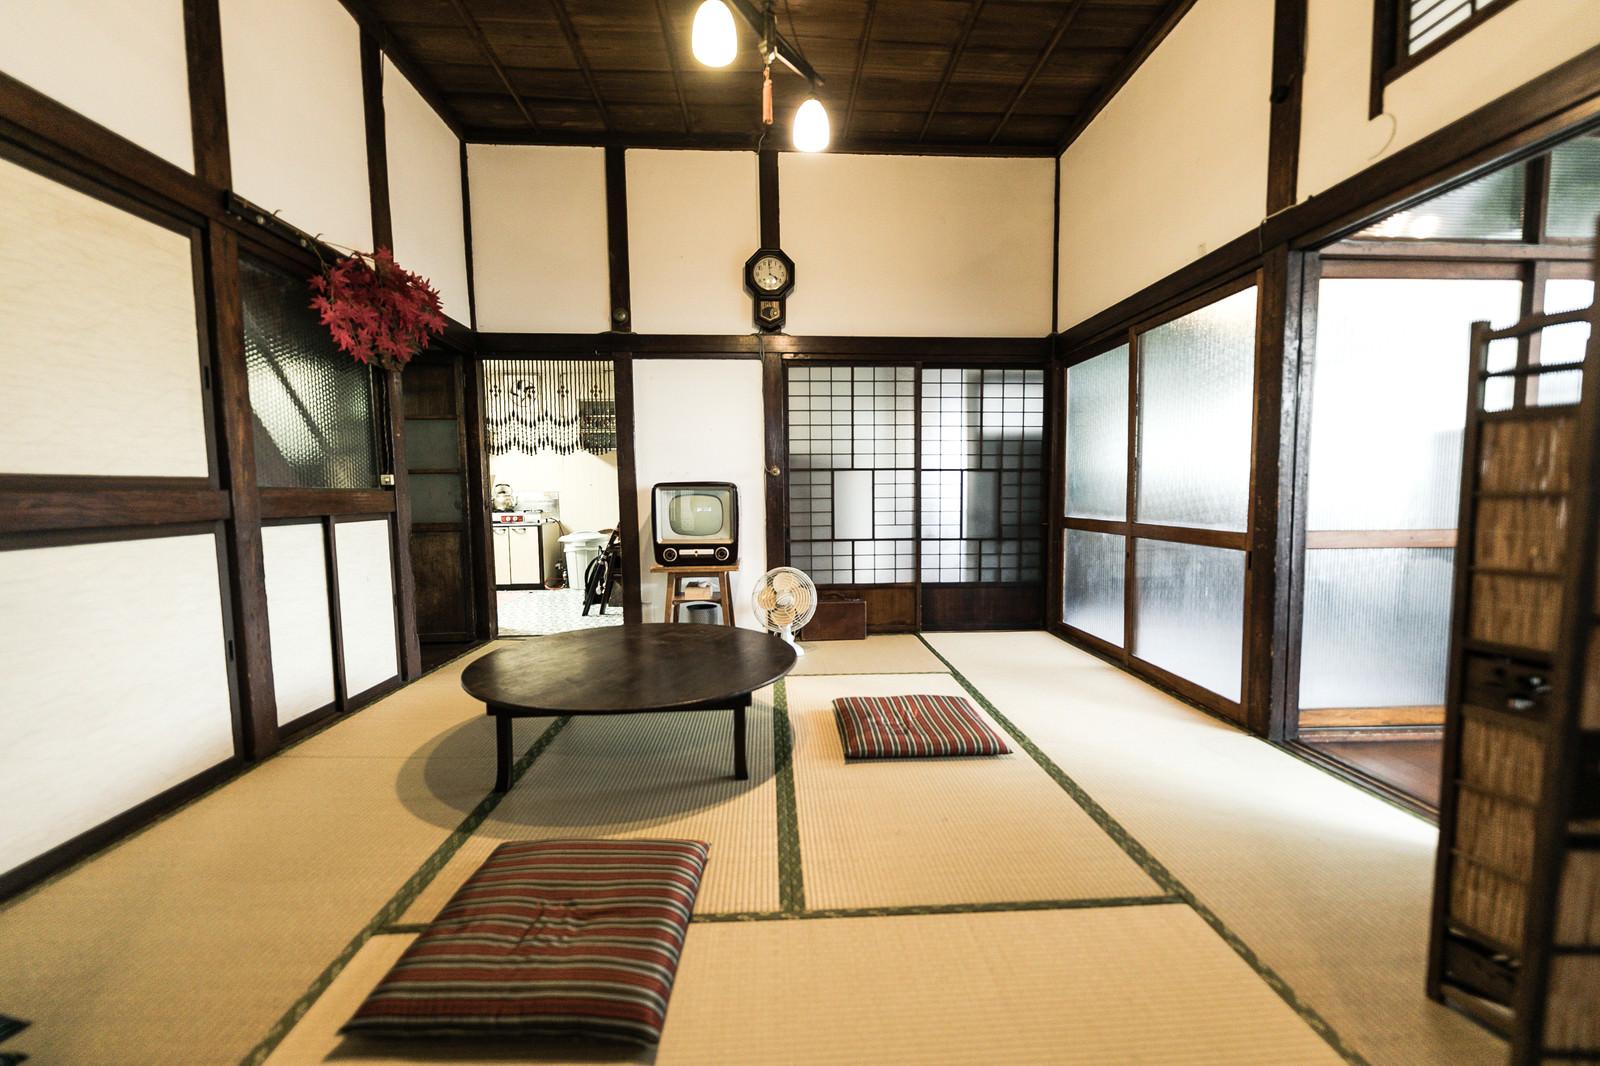 昭和レトロの和家具がある古民家の様子のフリー素材